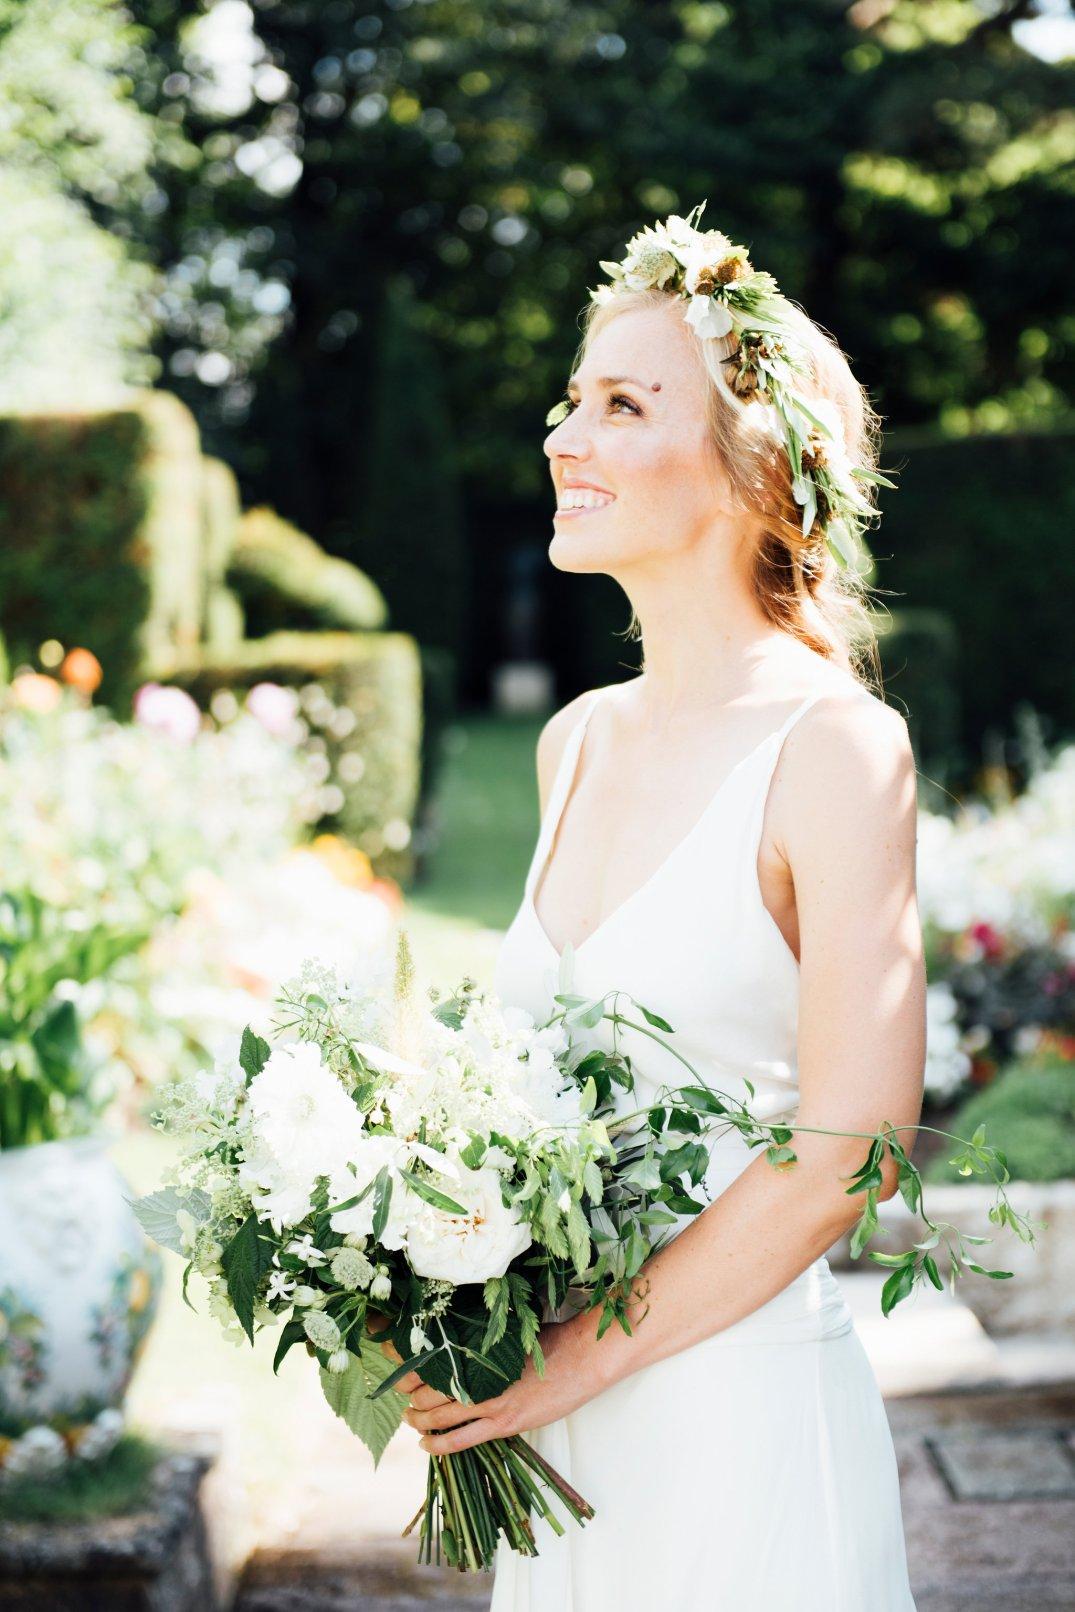 hair-and-makeup-artist-trine-juel-wedding-eryn-19